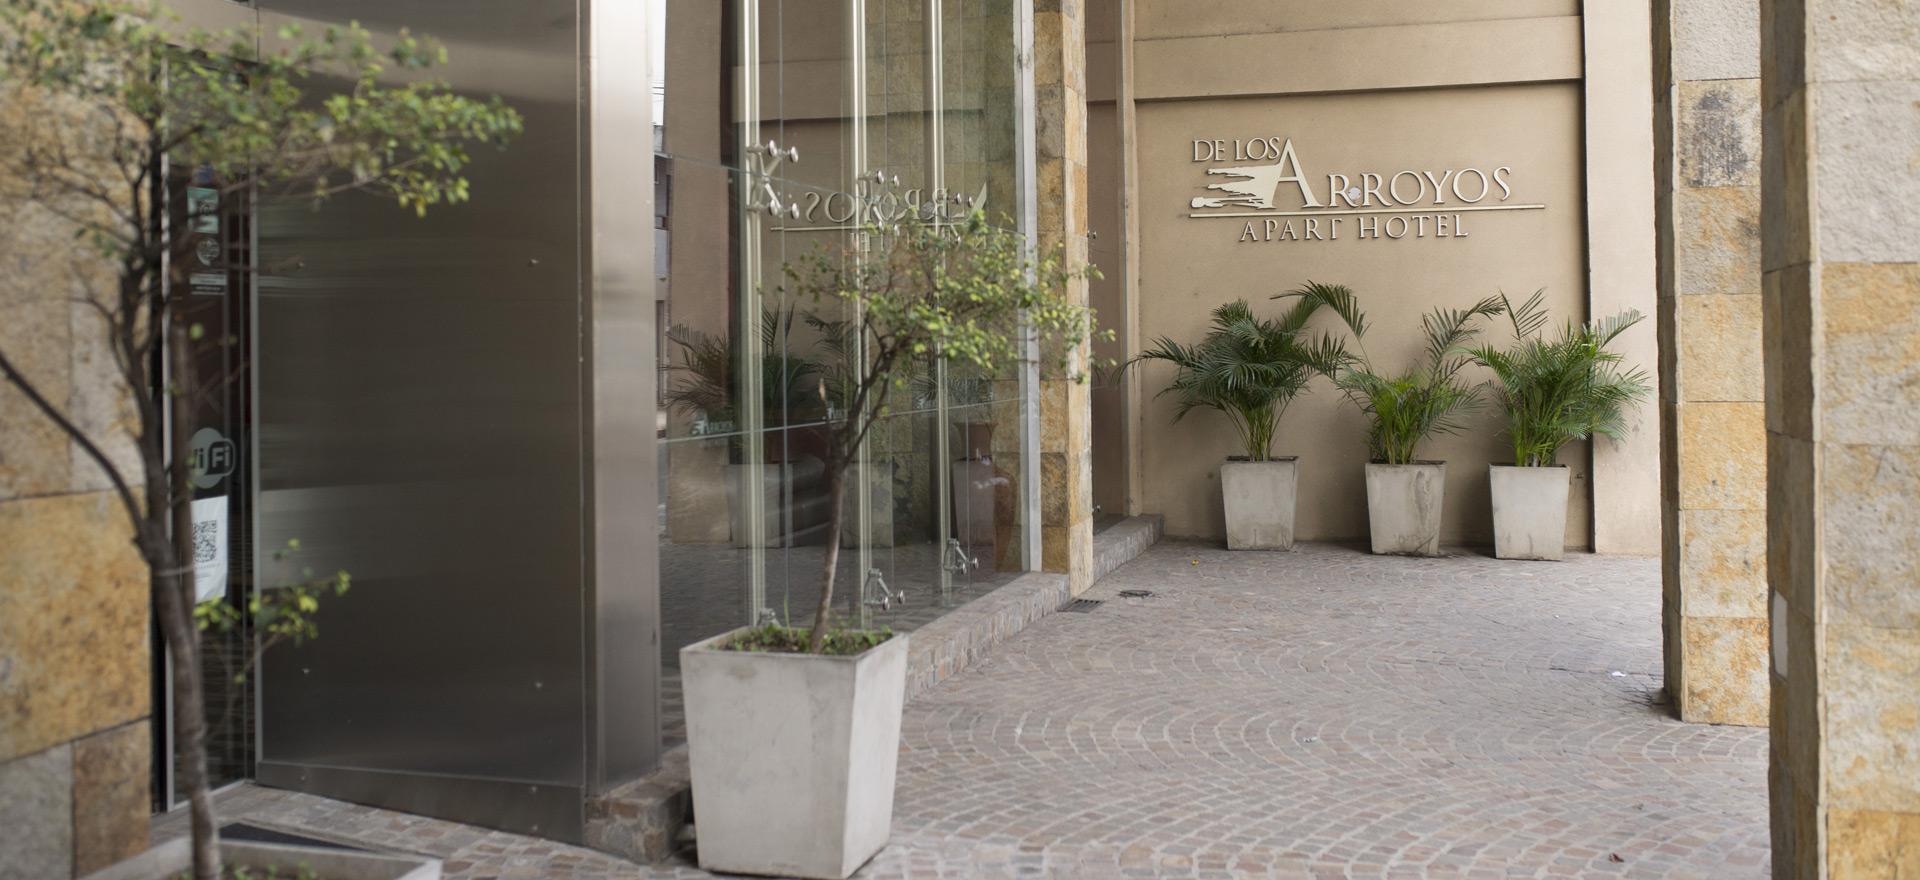 SL - De los Arroyos Apart Hotel